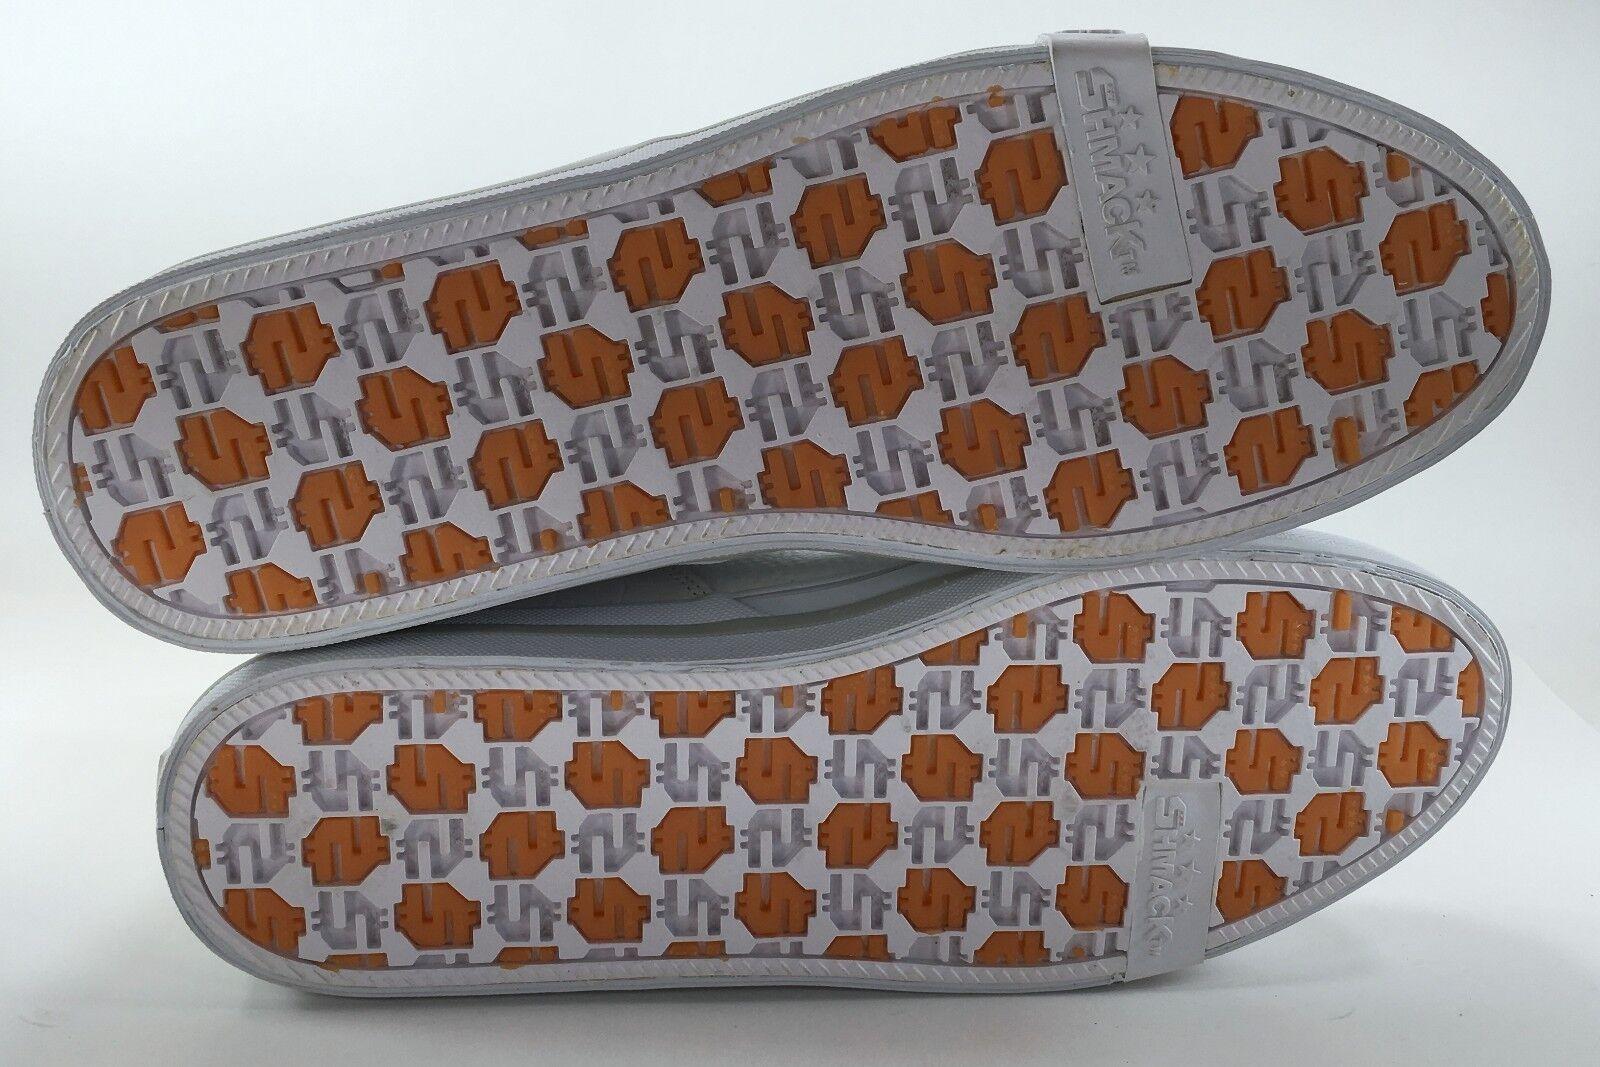 Vans Old Skool Blanco Zip 50th De aniversario Zapatos De 50th Skate 39f36b